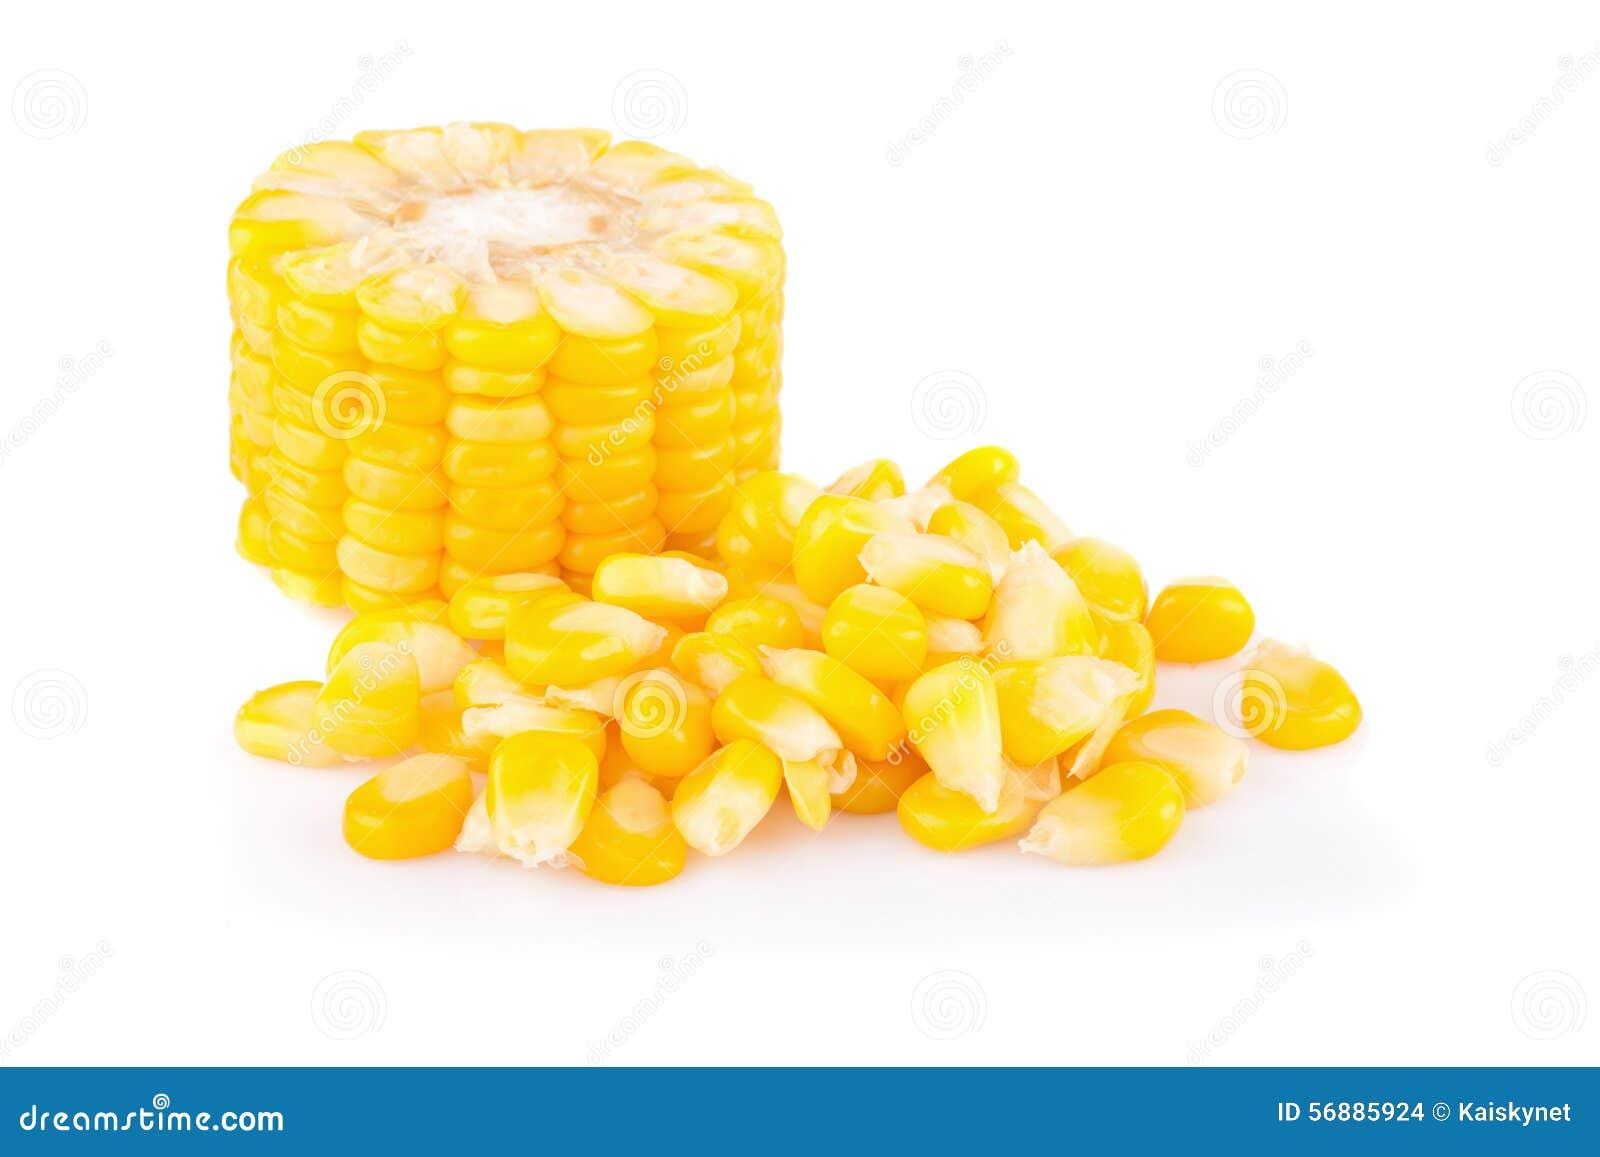 Cereale giallo isolato su fondo bianco